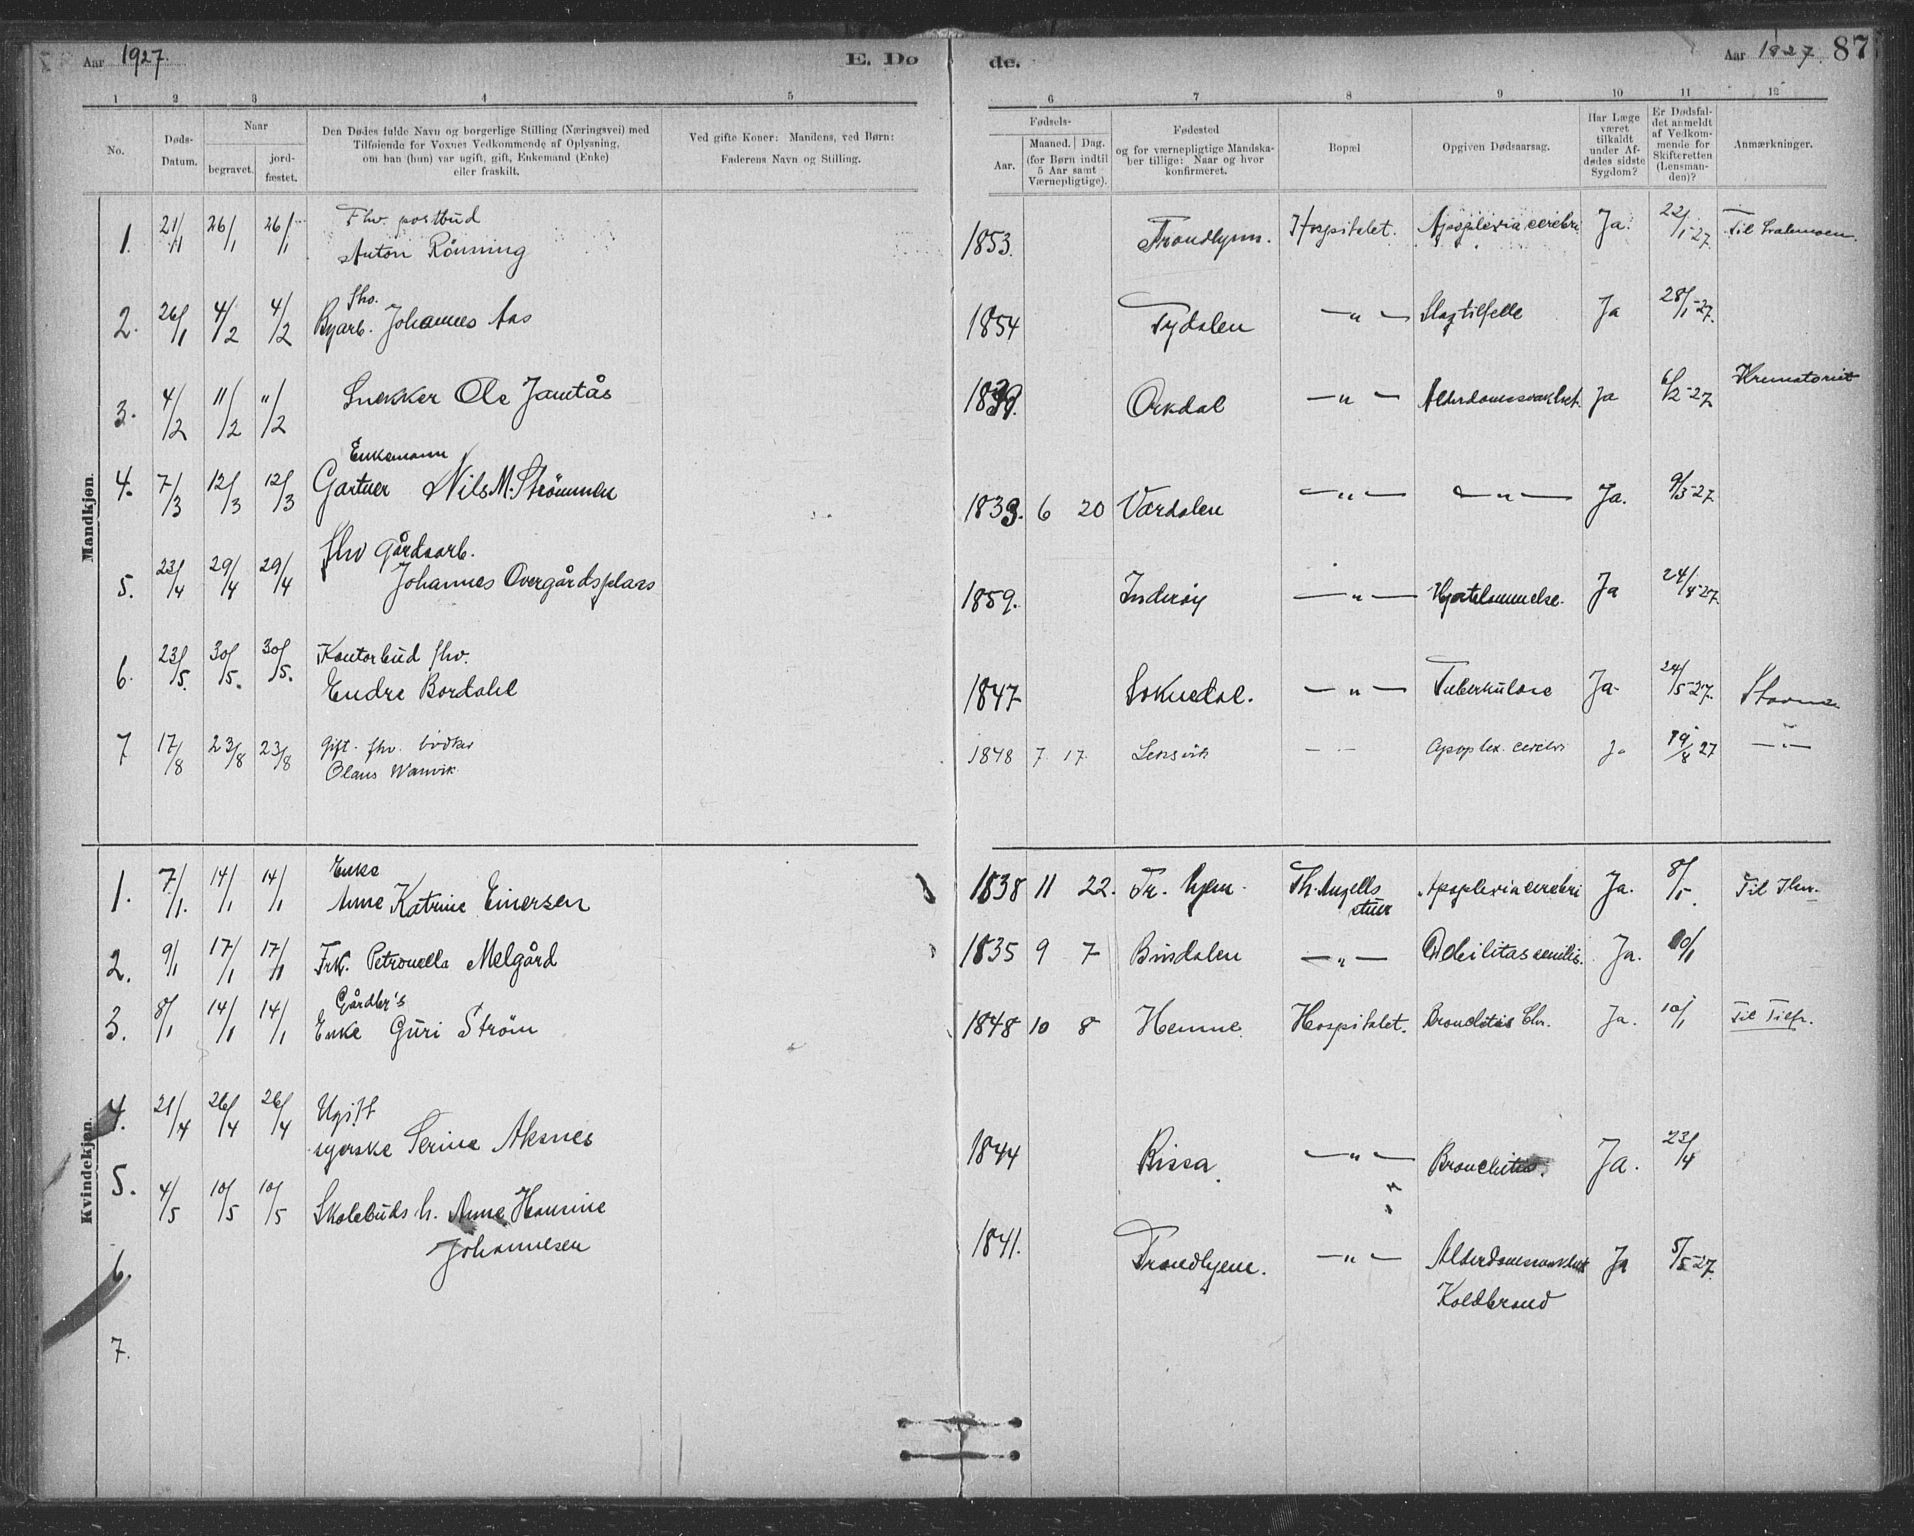 SAT, Ministerialprotokoller, klokkerbøker og fødselsregistre - Sør-Trøndelag, 623/L0470: Ministerialbok nr. 623A04, 1884-1938, s. 87